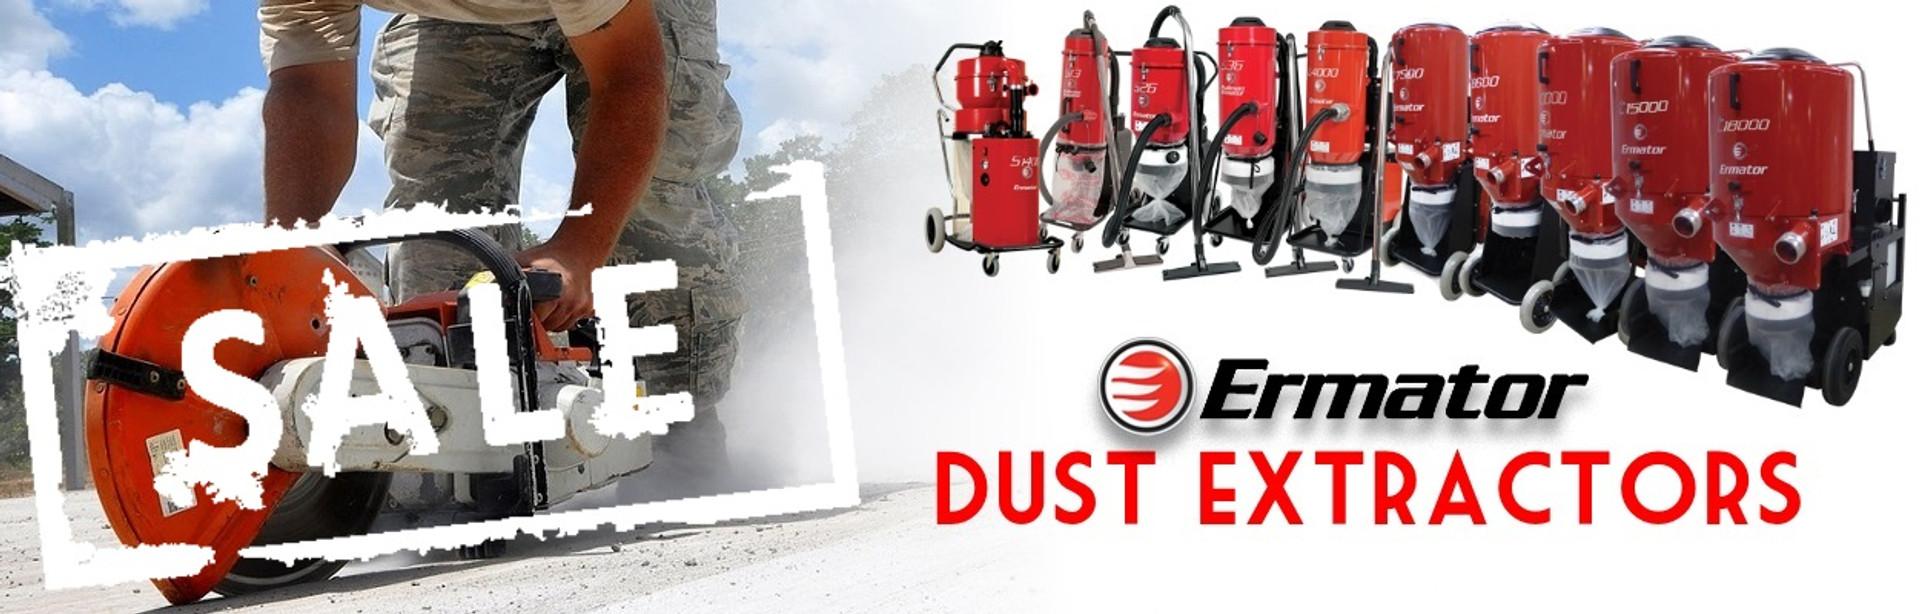 Ermator Dust Extractors